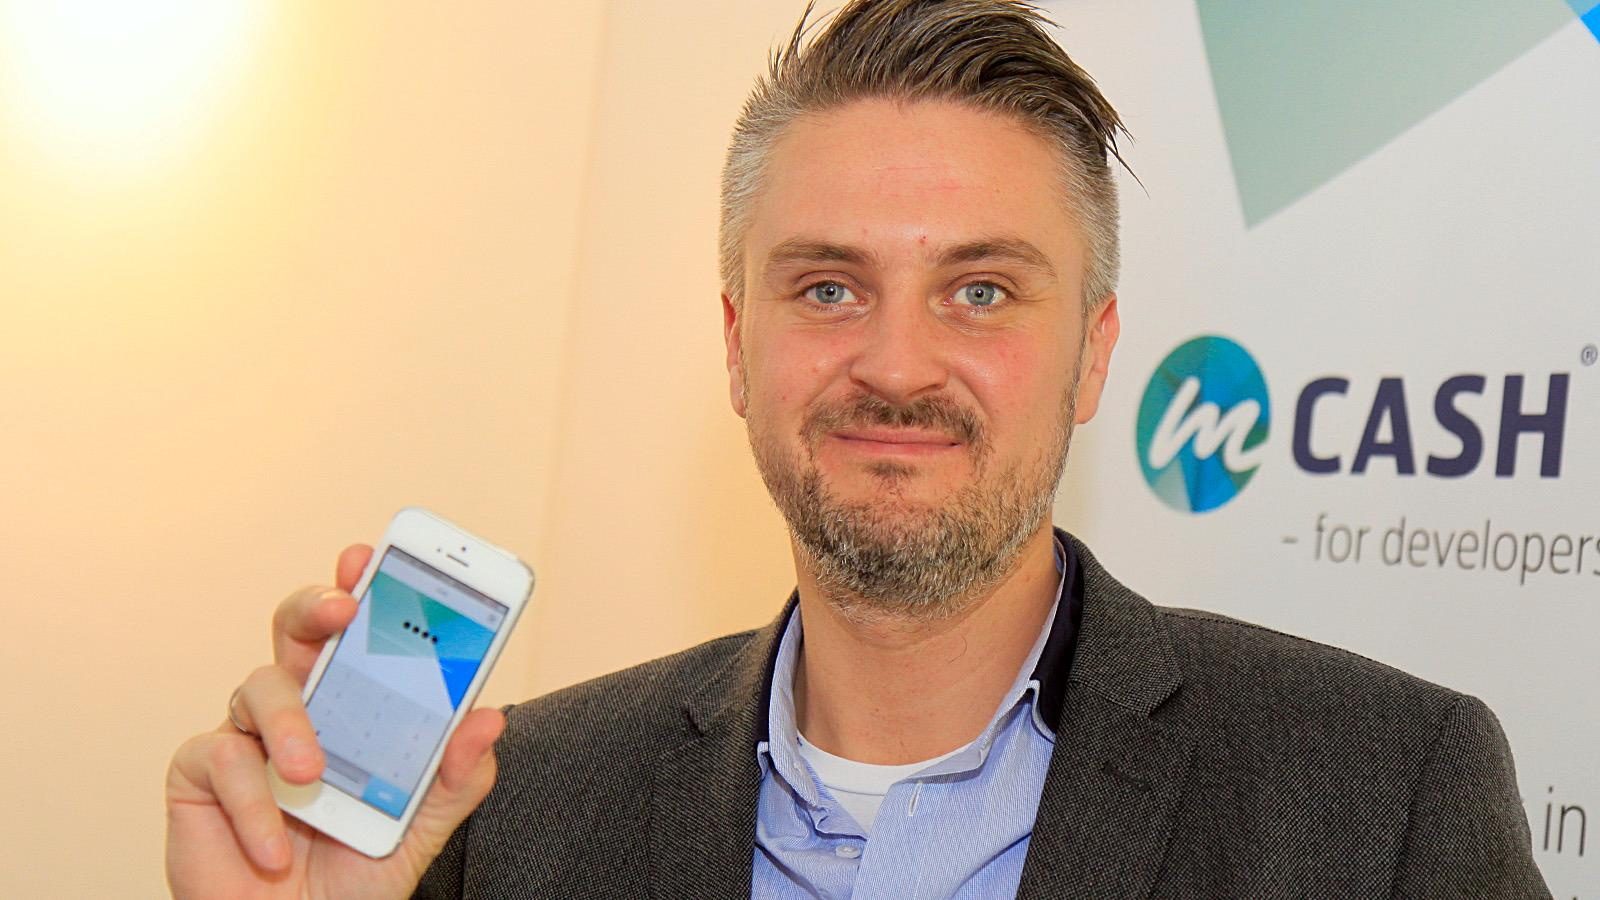 Daniel Döderlein i mCash mener NFC-teknologien er for komplisert, og satser heller på QR-koder.Foto: Kurt Lekanger, Tek.no